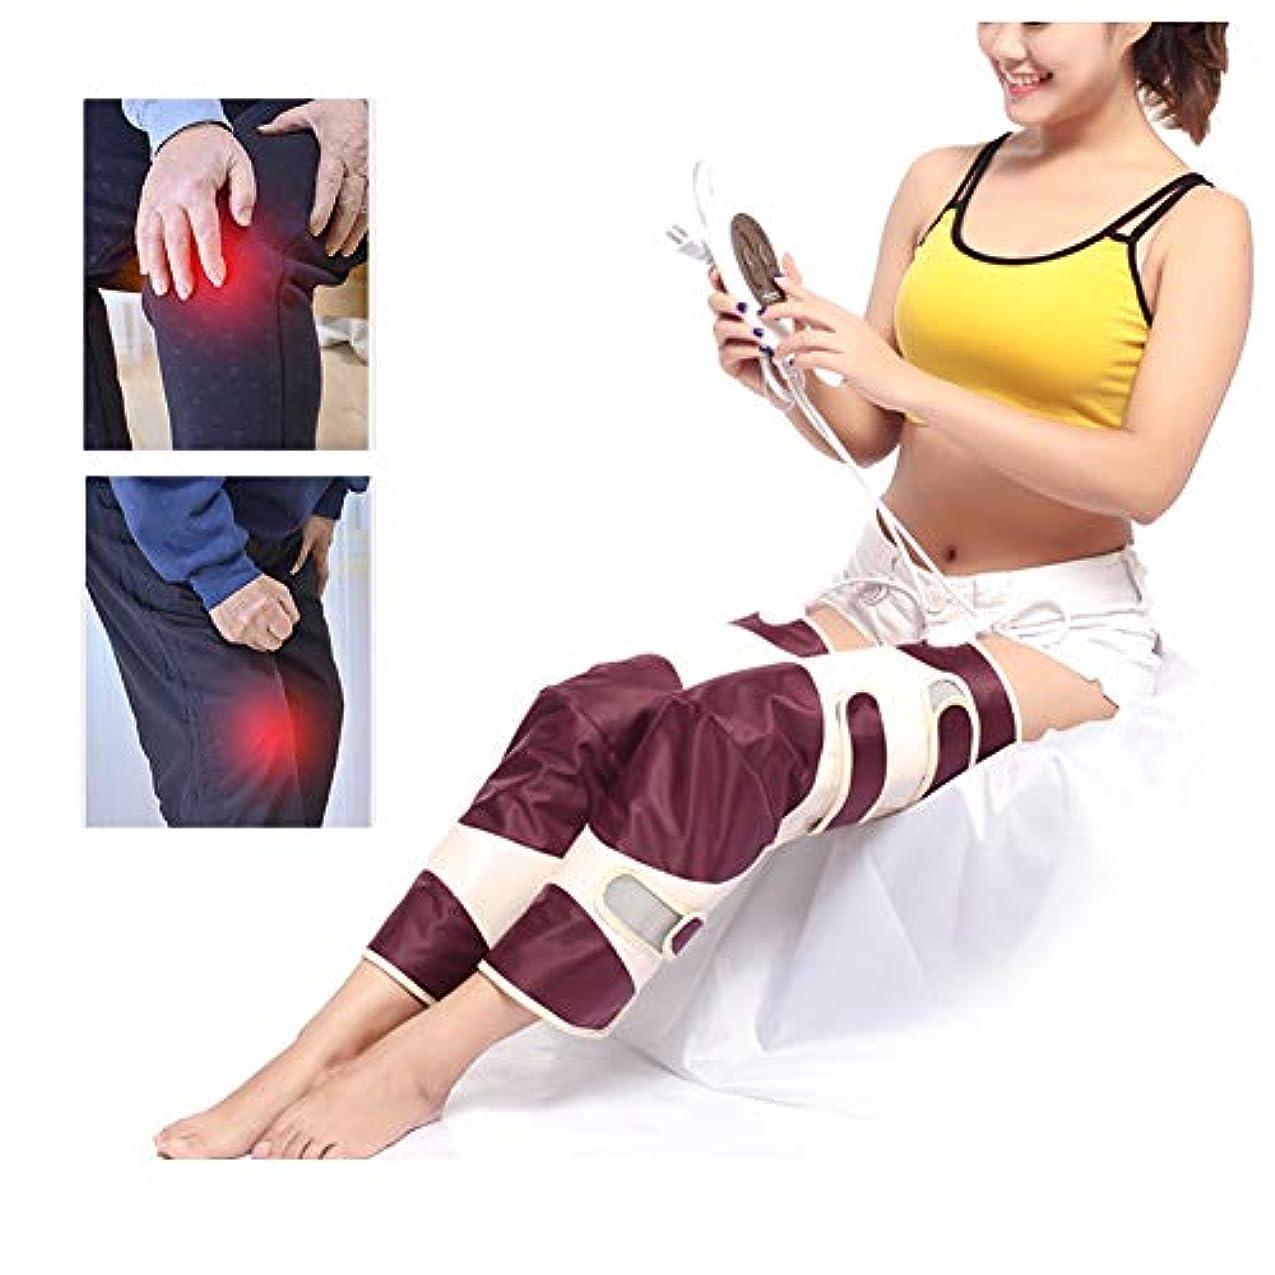 一族とにかく調子膝の怪我、痛みを軽減するための電気加熱膝ブレースサポート - 膝温かいラップ加熱パッド - 遠赤外線治療マッサージャー